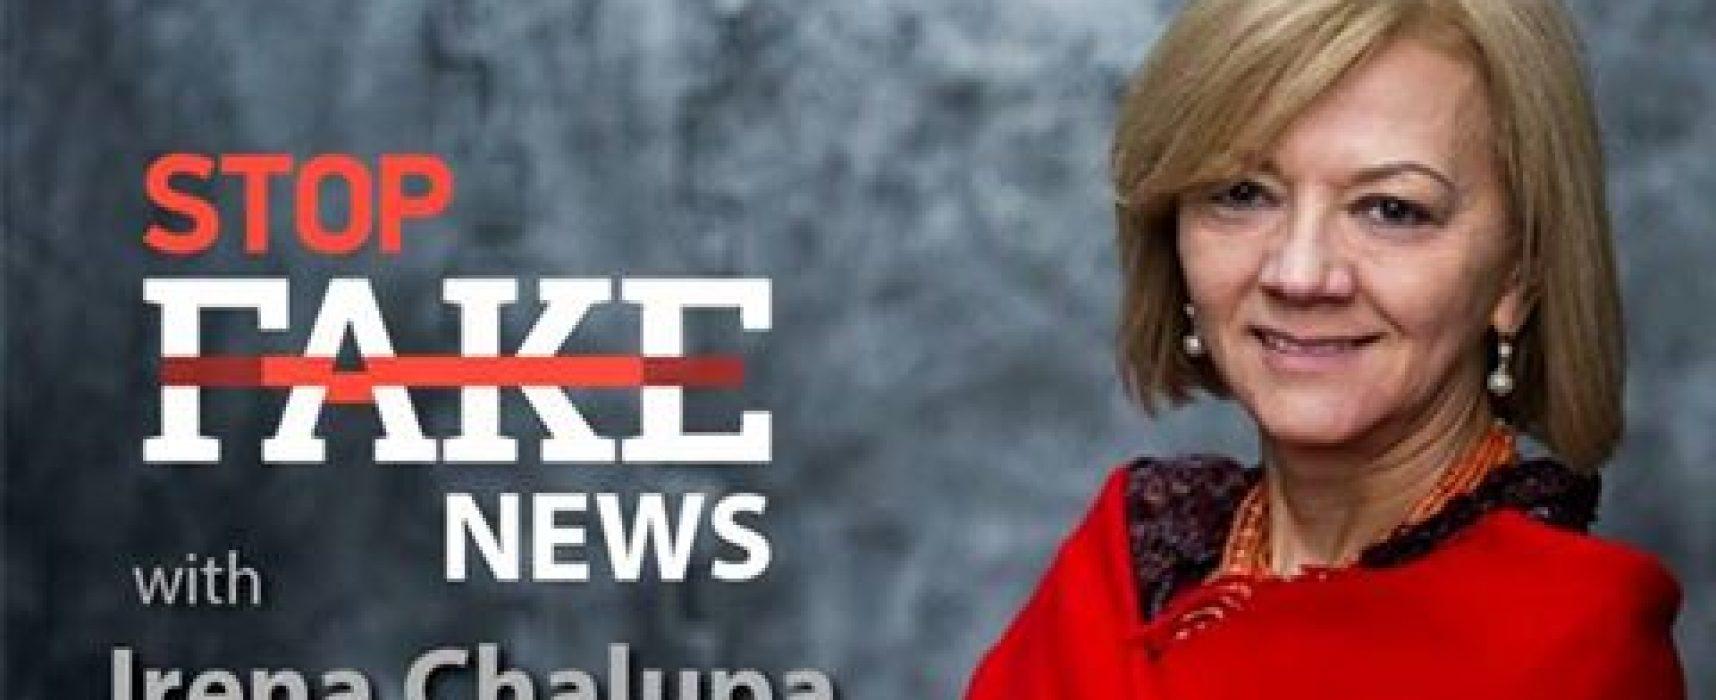 StopFakeNews #100 [Engels] met Irena Chalupa